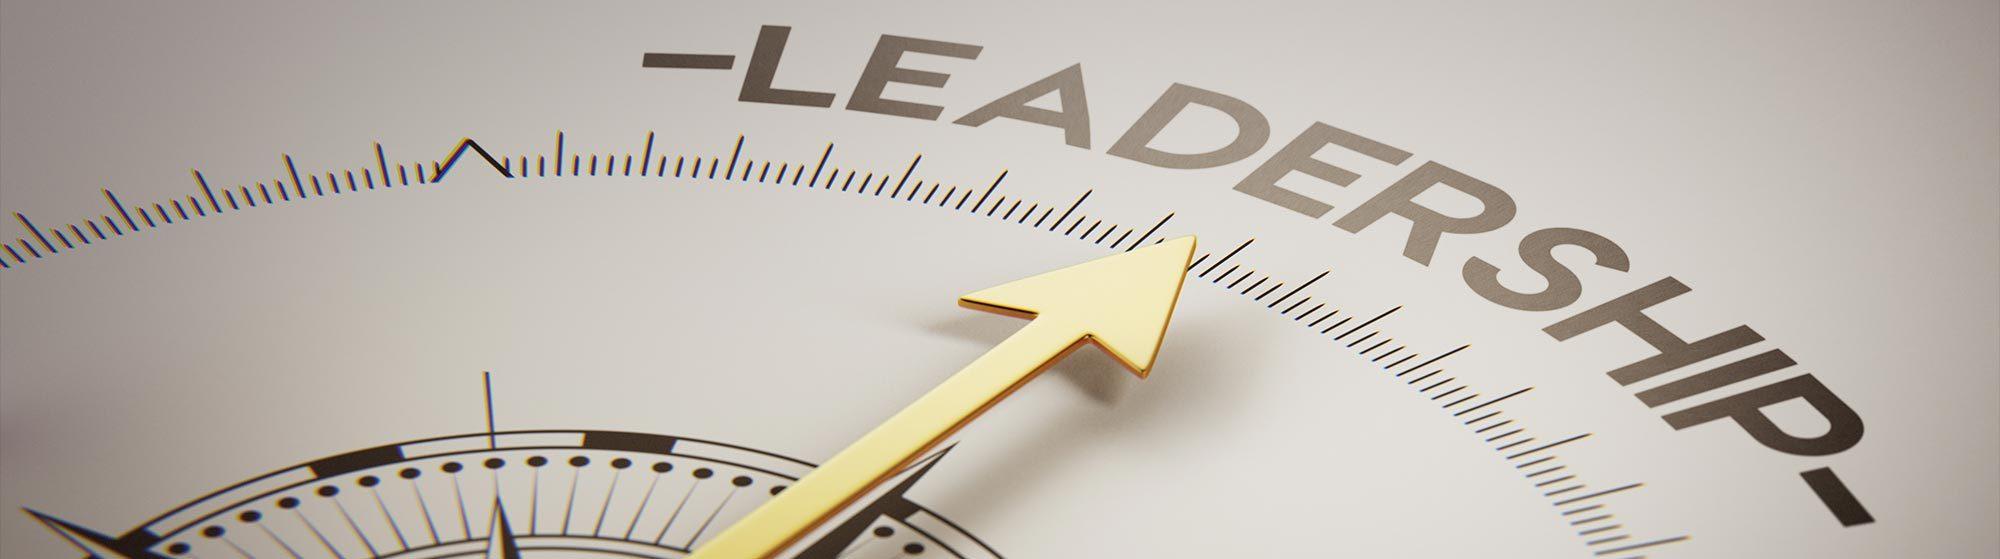 Leadership Development Language Of Leadership Llc